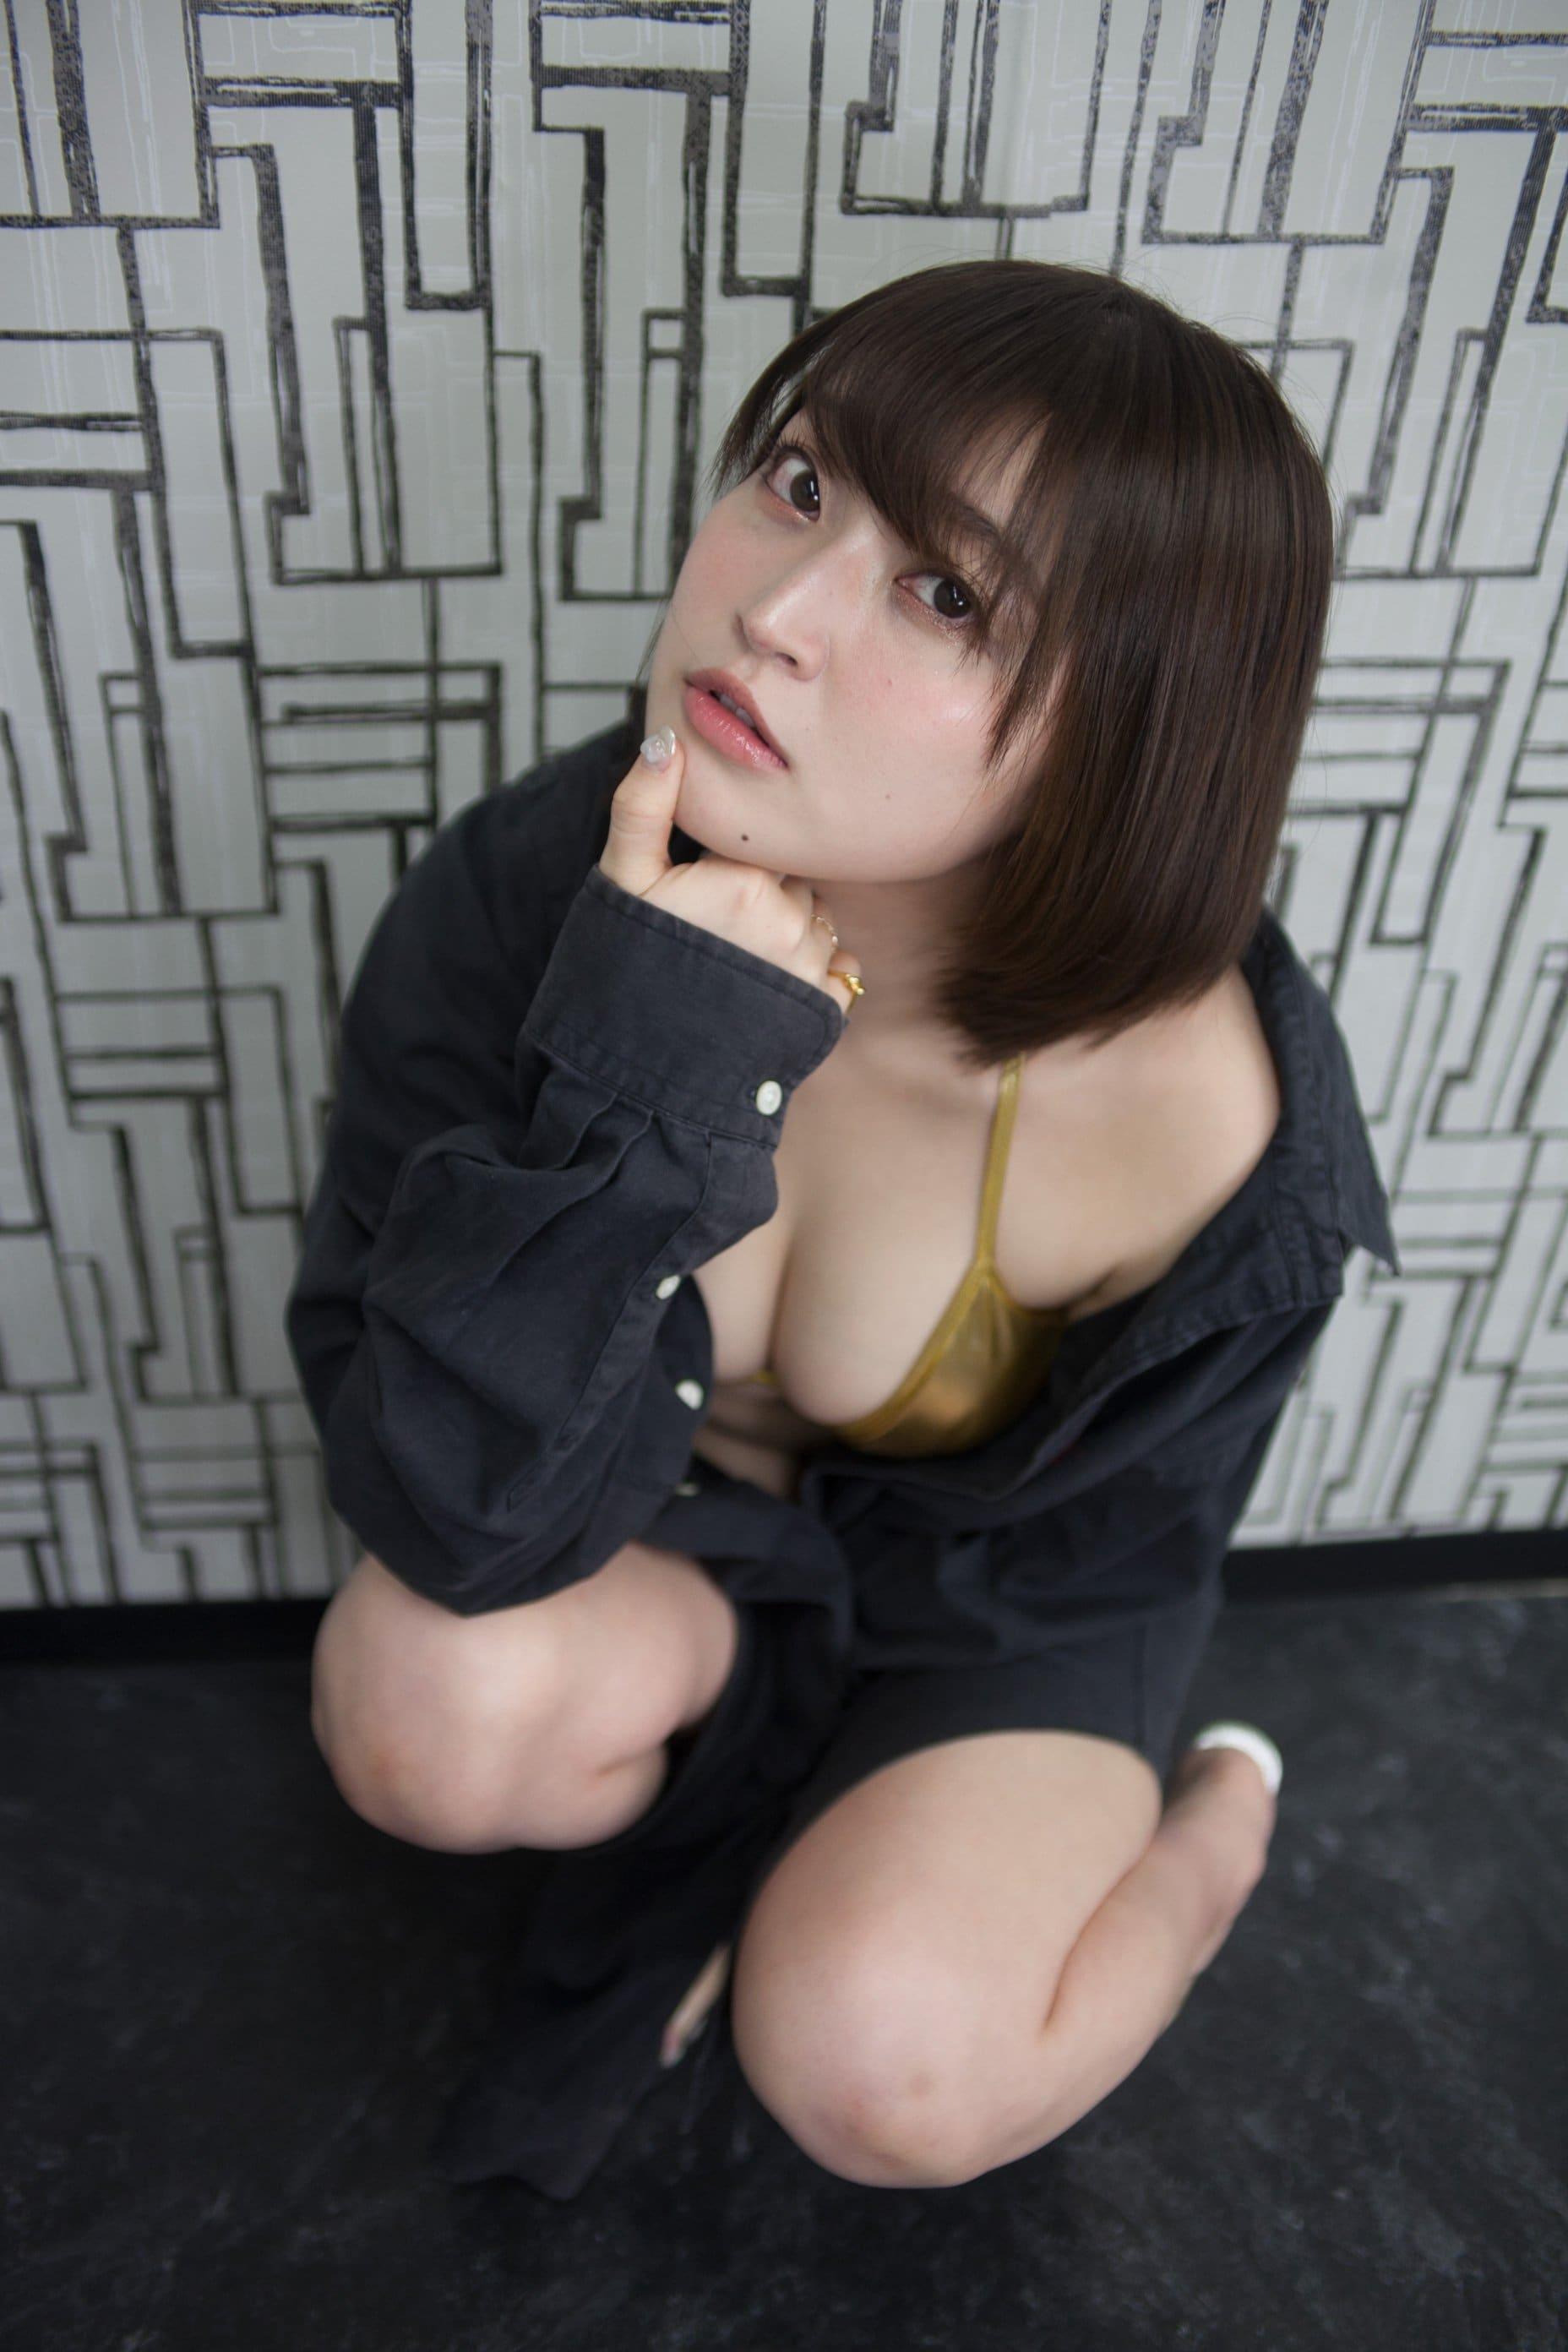 悠木ゆうか、東京Lily×EXwebコラボ企画の優秀作品に選出!【写真10枚】の画像005